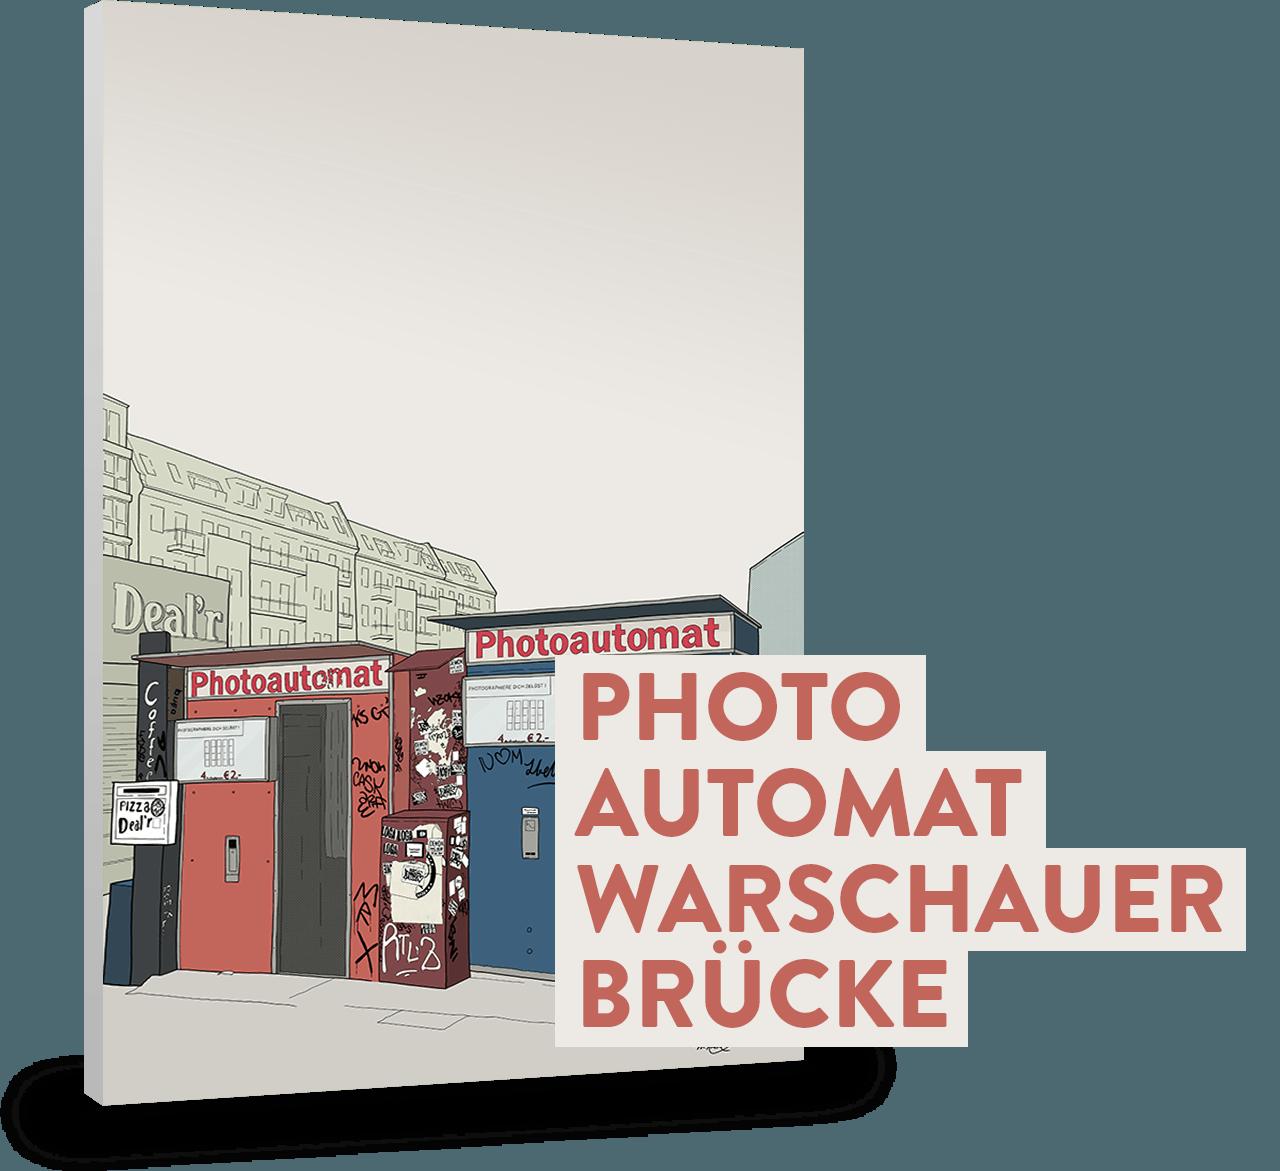 PHOTOAUTOMAT WARSCHAUER BRÜCKE